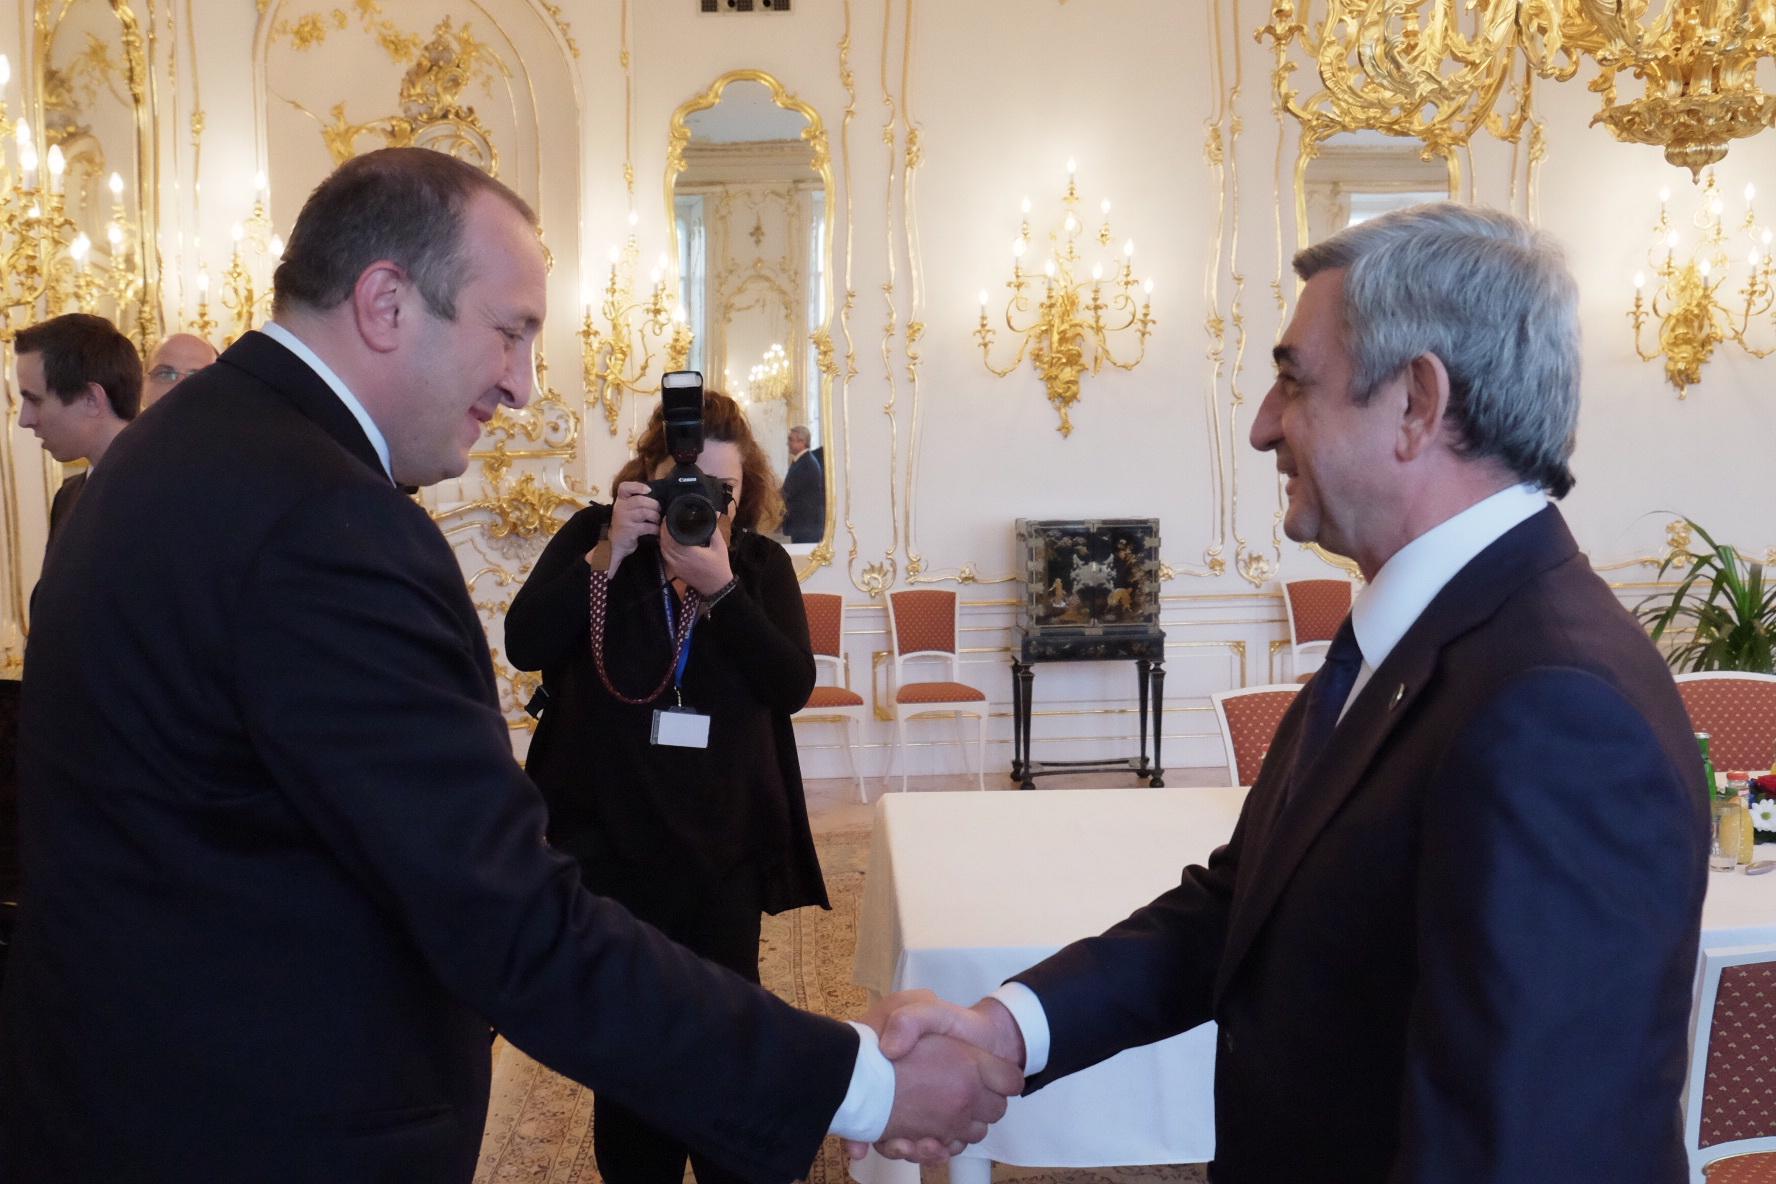 Photo of Ս. Սարգսյանը Պրահայում հանդիպել է Գեորգի Մարգվելաշվիլիի հետ